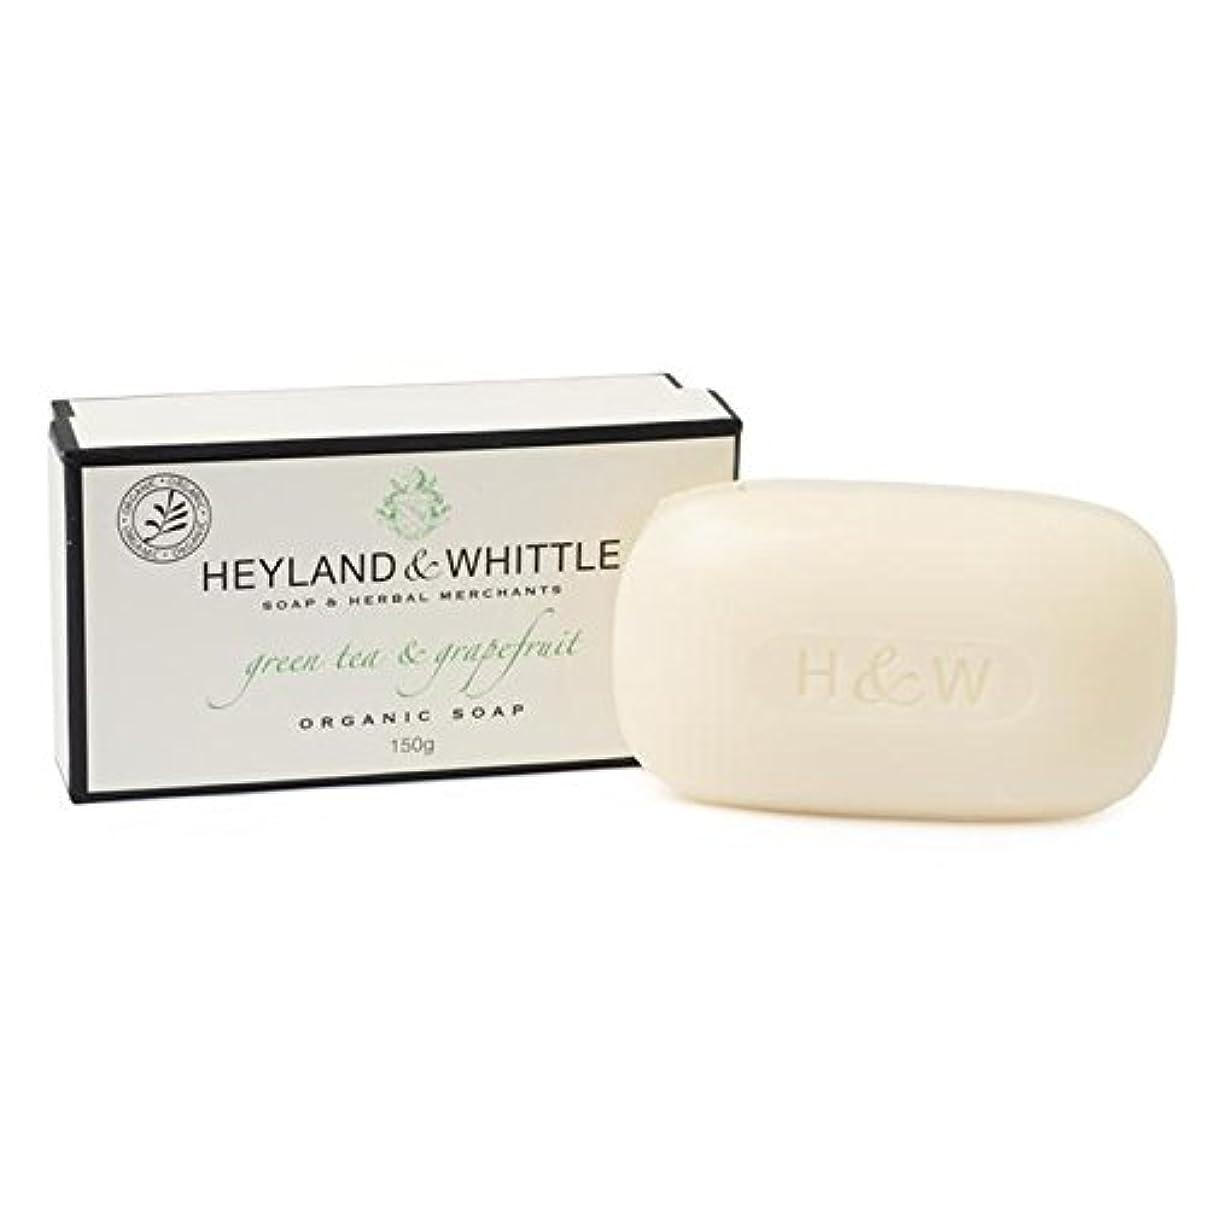 リテラシーかなりの乱気流Heyland & Whittle Green Tea & Grapefruit Boxed Organic Soap 150g (Pack of 6) - &削る緑茶&グレープフルーツはオーガニックソープ150グラム箱入り x6 [並行輸入品]